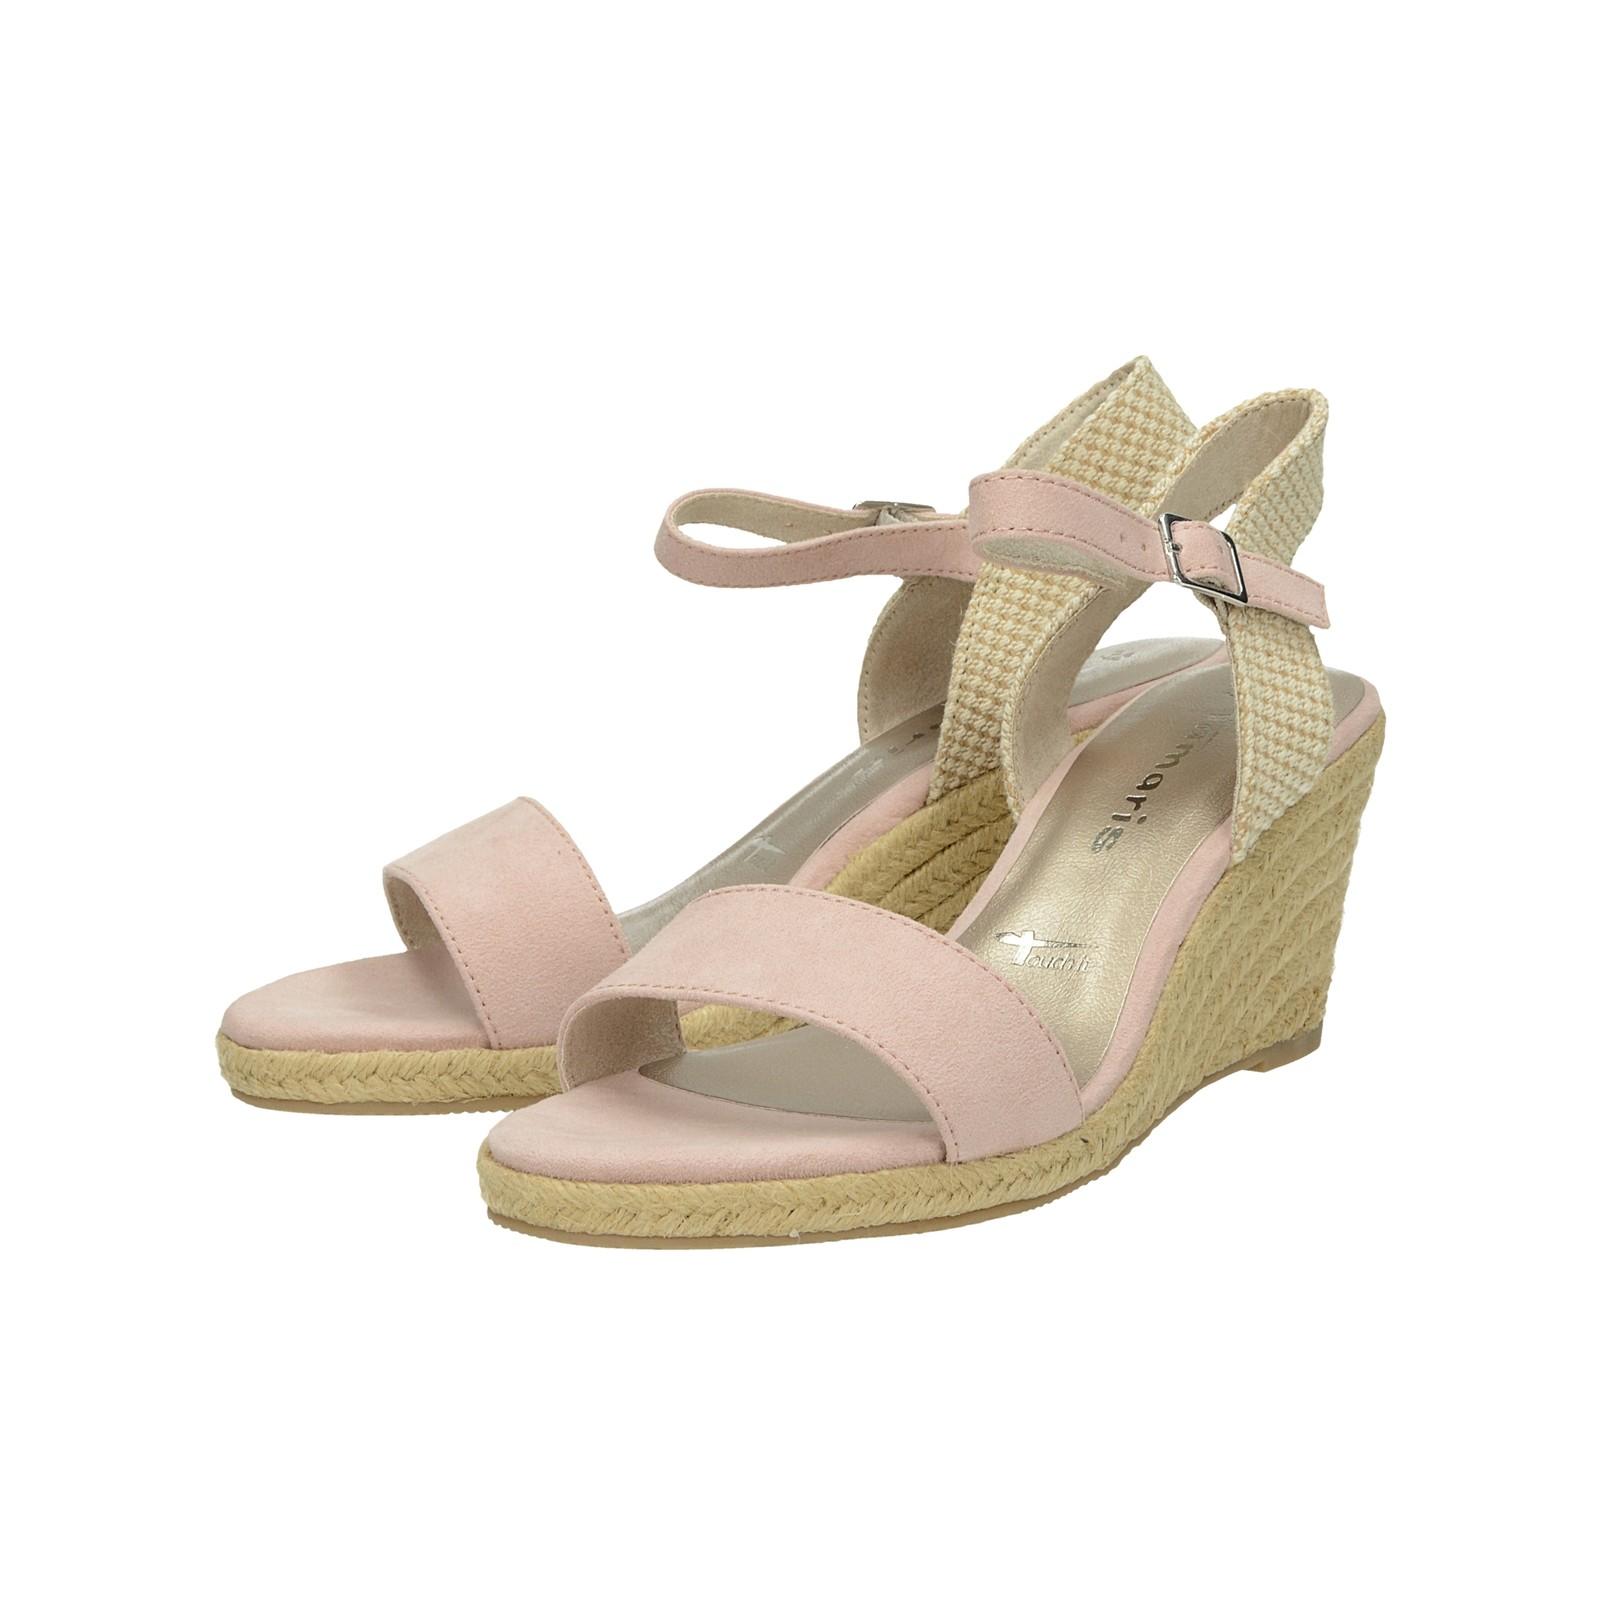 a86160f4d5590 Tamaris dámske štýlové sandále na klinovej podrážke - ružové ...